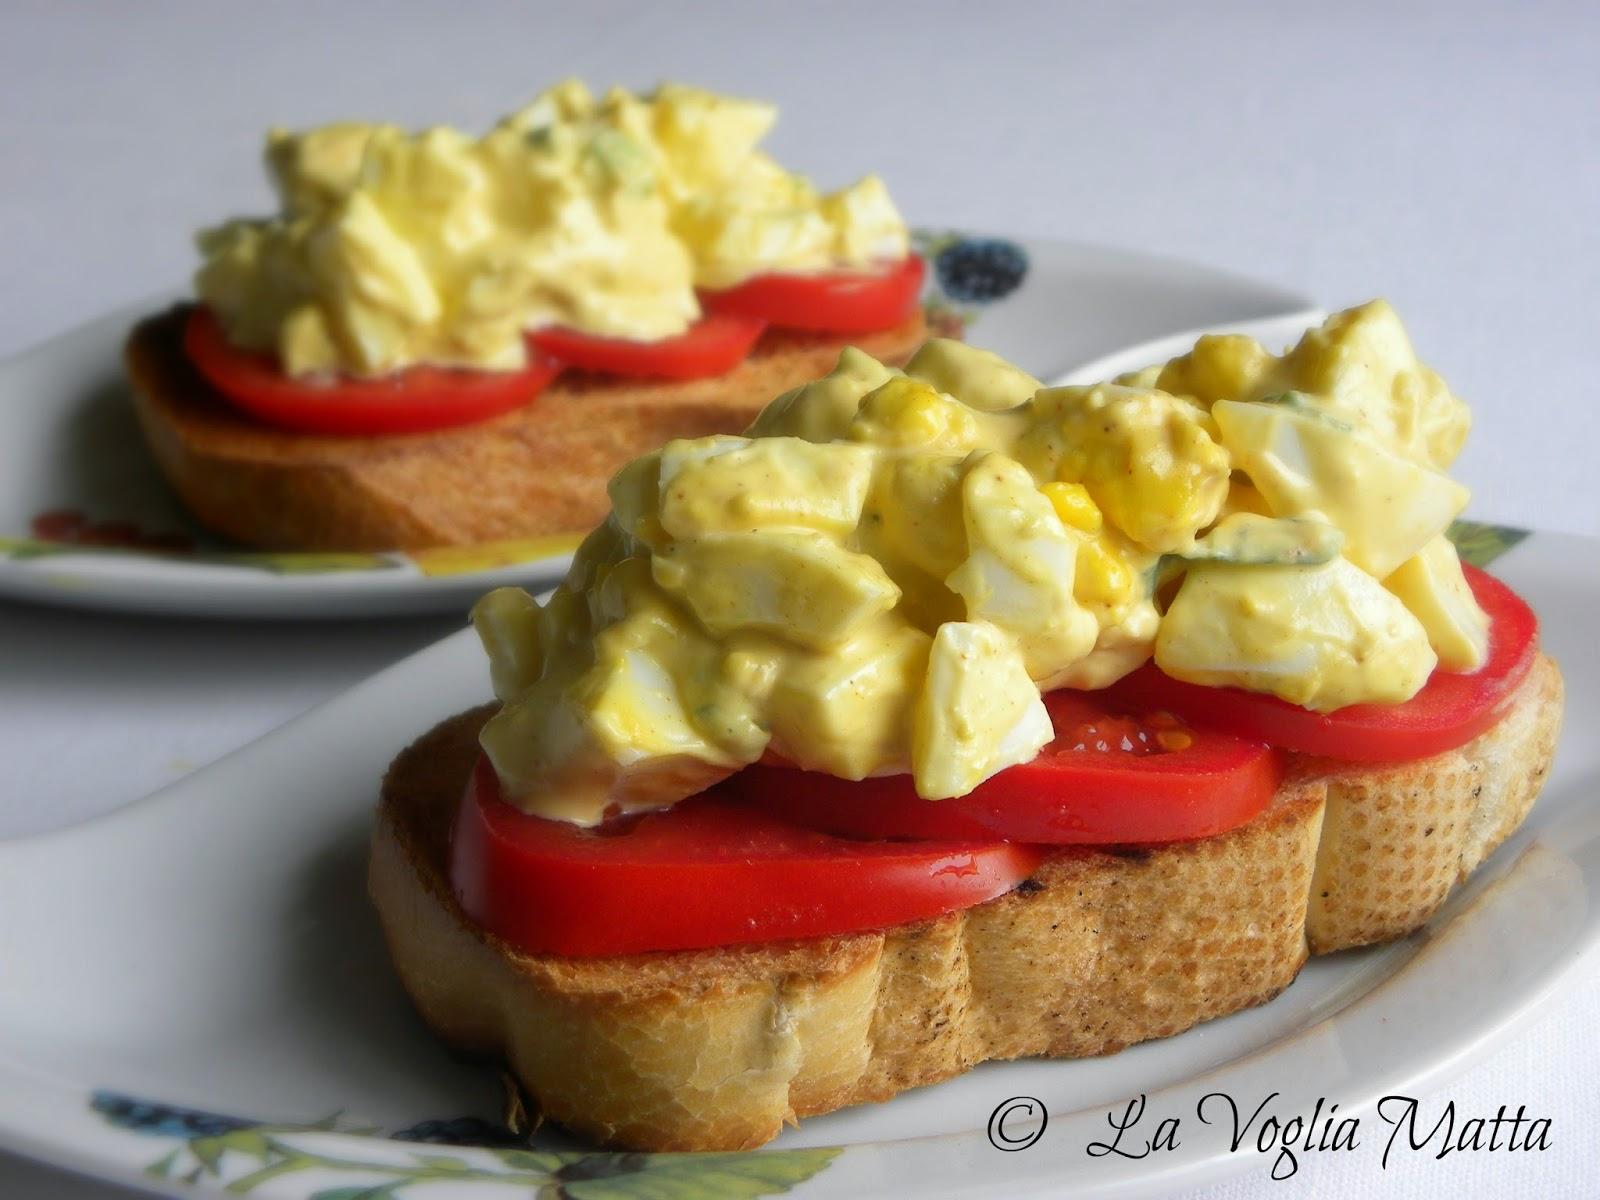 ricetta insalata di uova sode con sedano e cipollotto